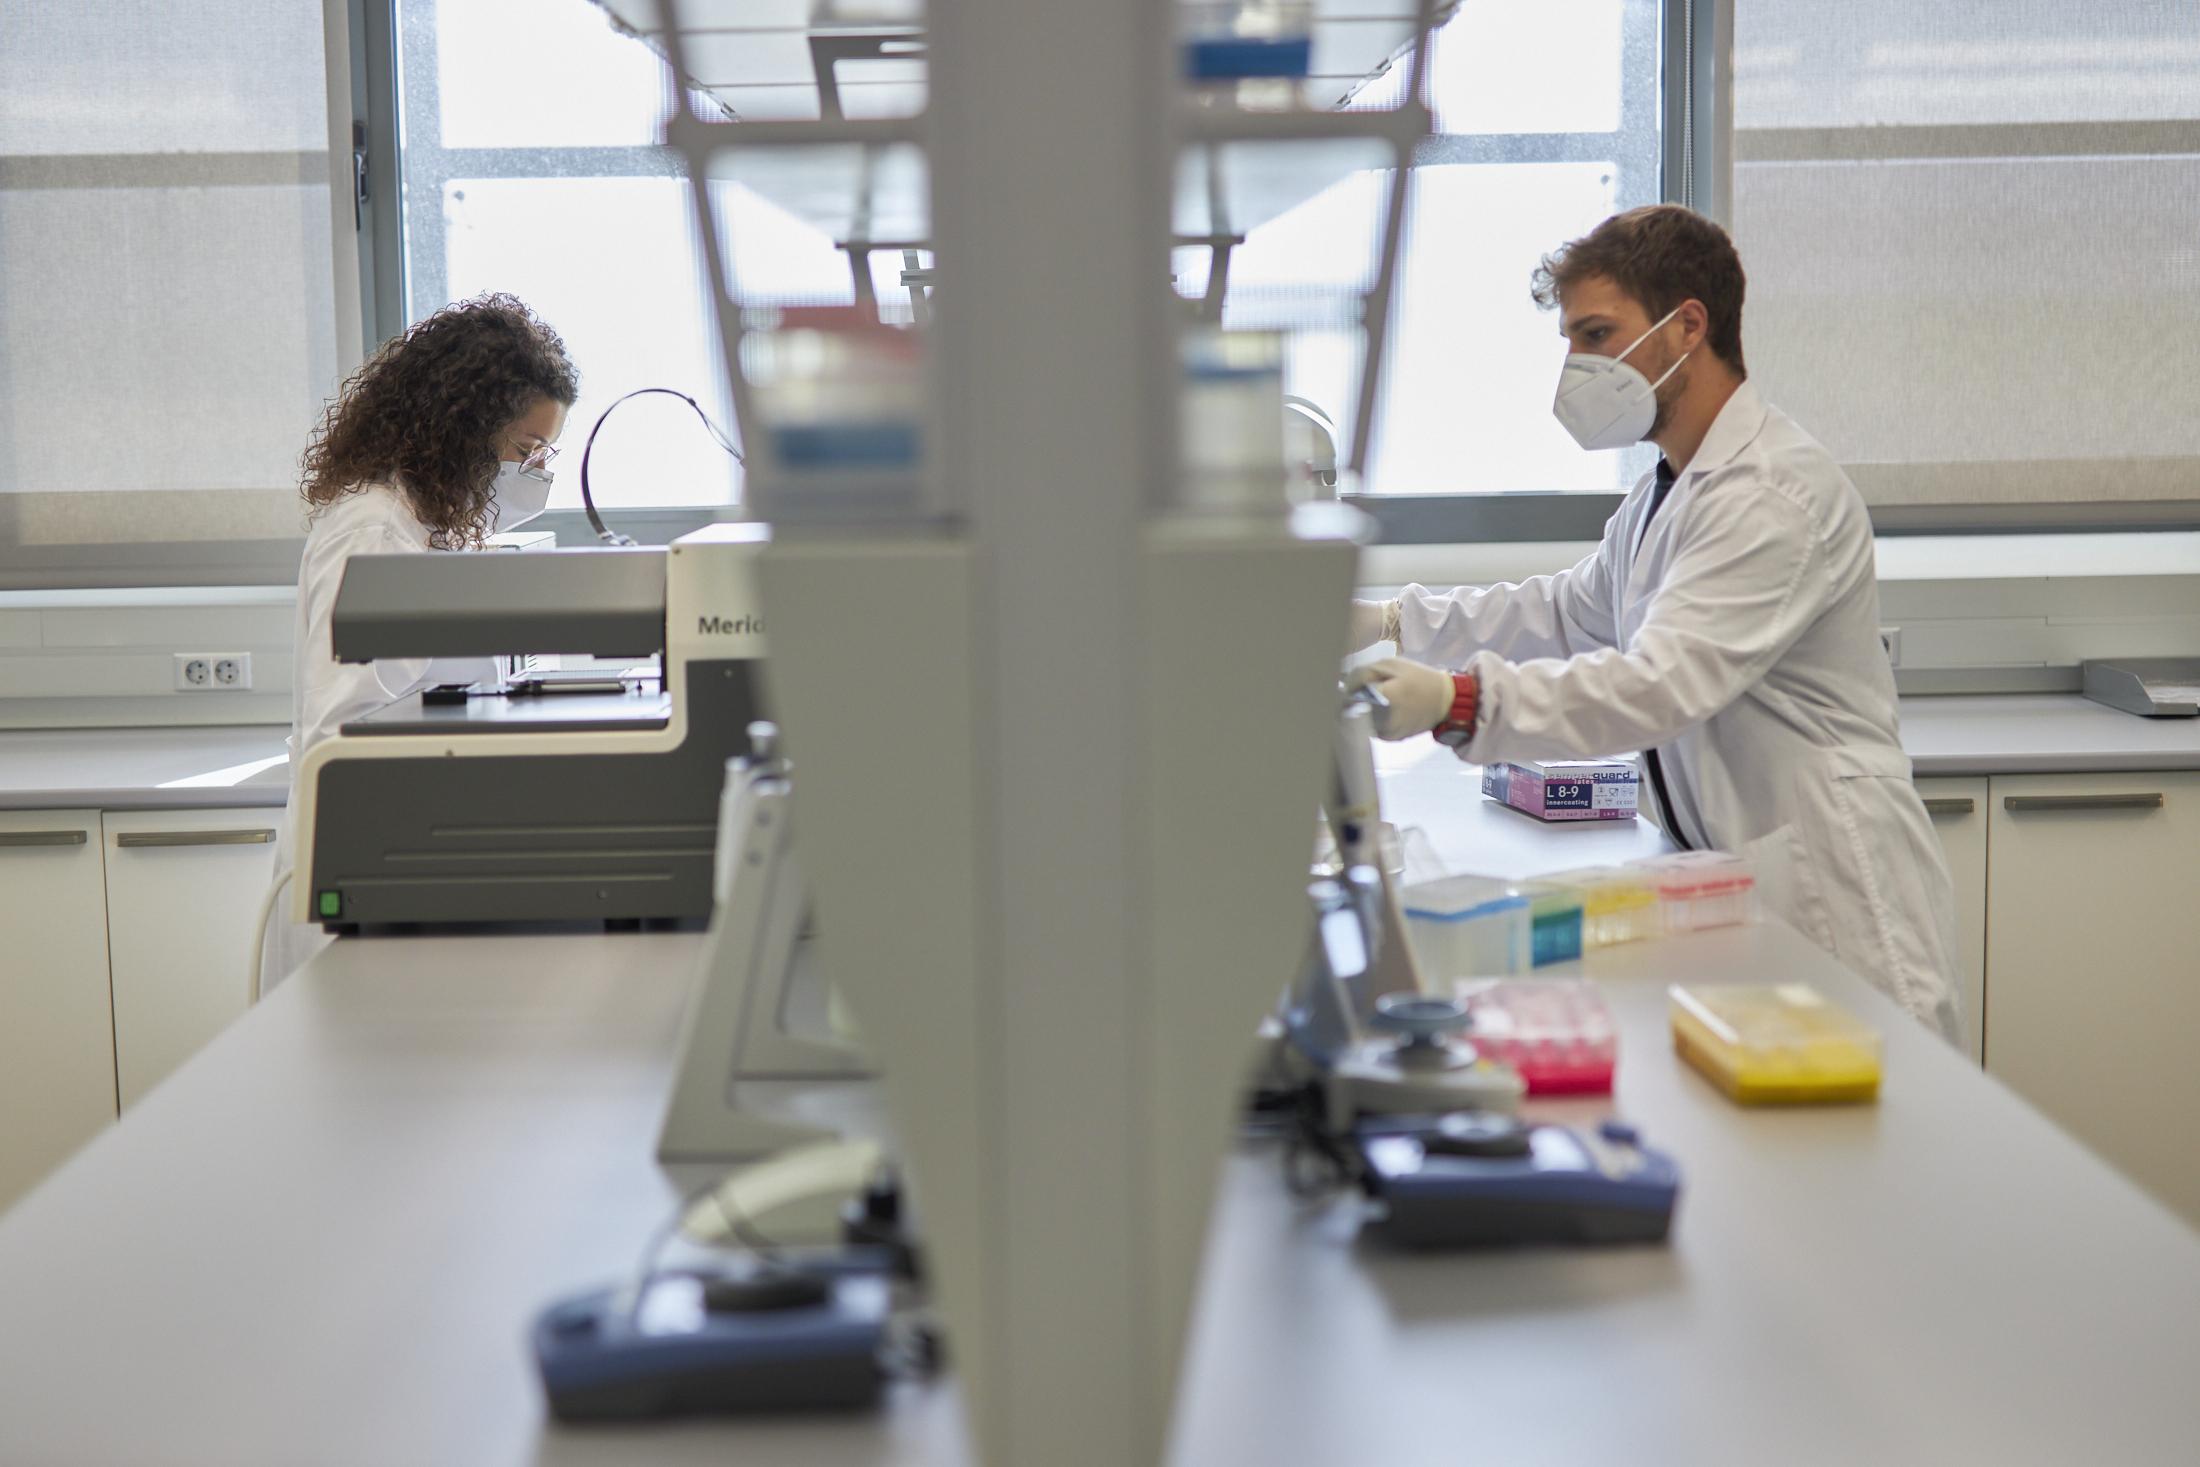 La UGR convoca 199 plazas de investigadores gracias a 15 millones de euros de los fondos europeos Next Generation